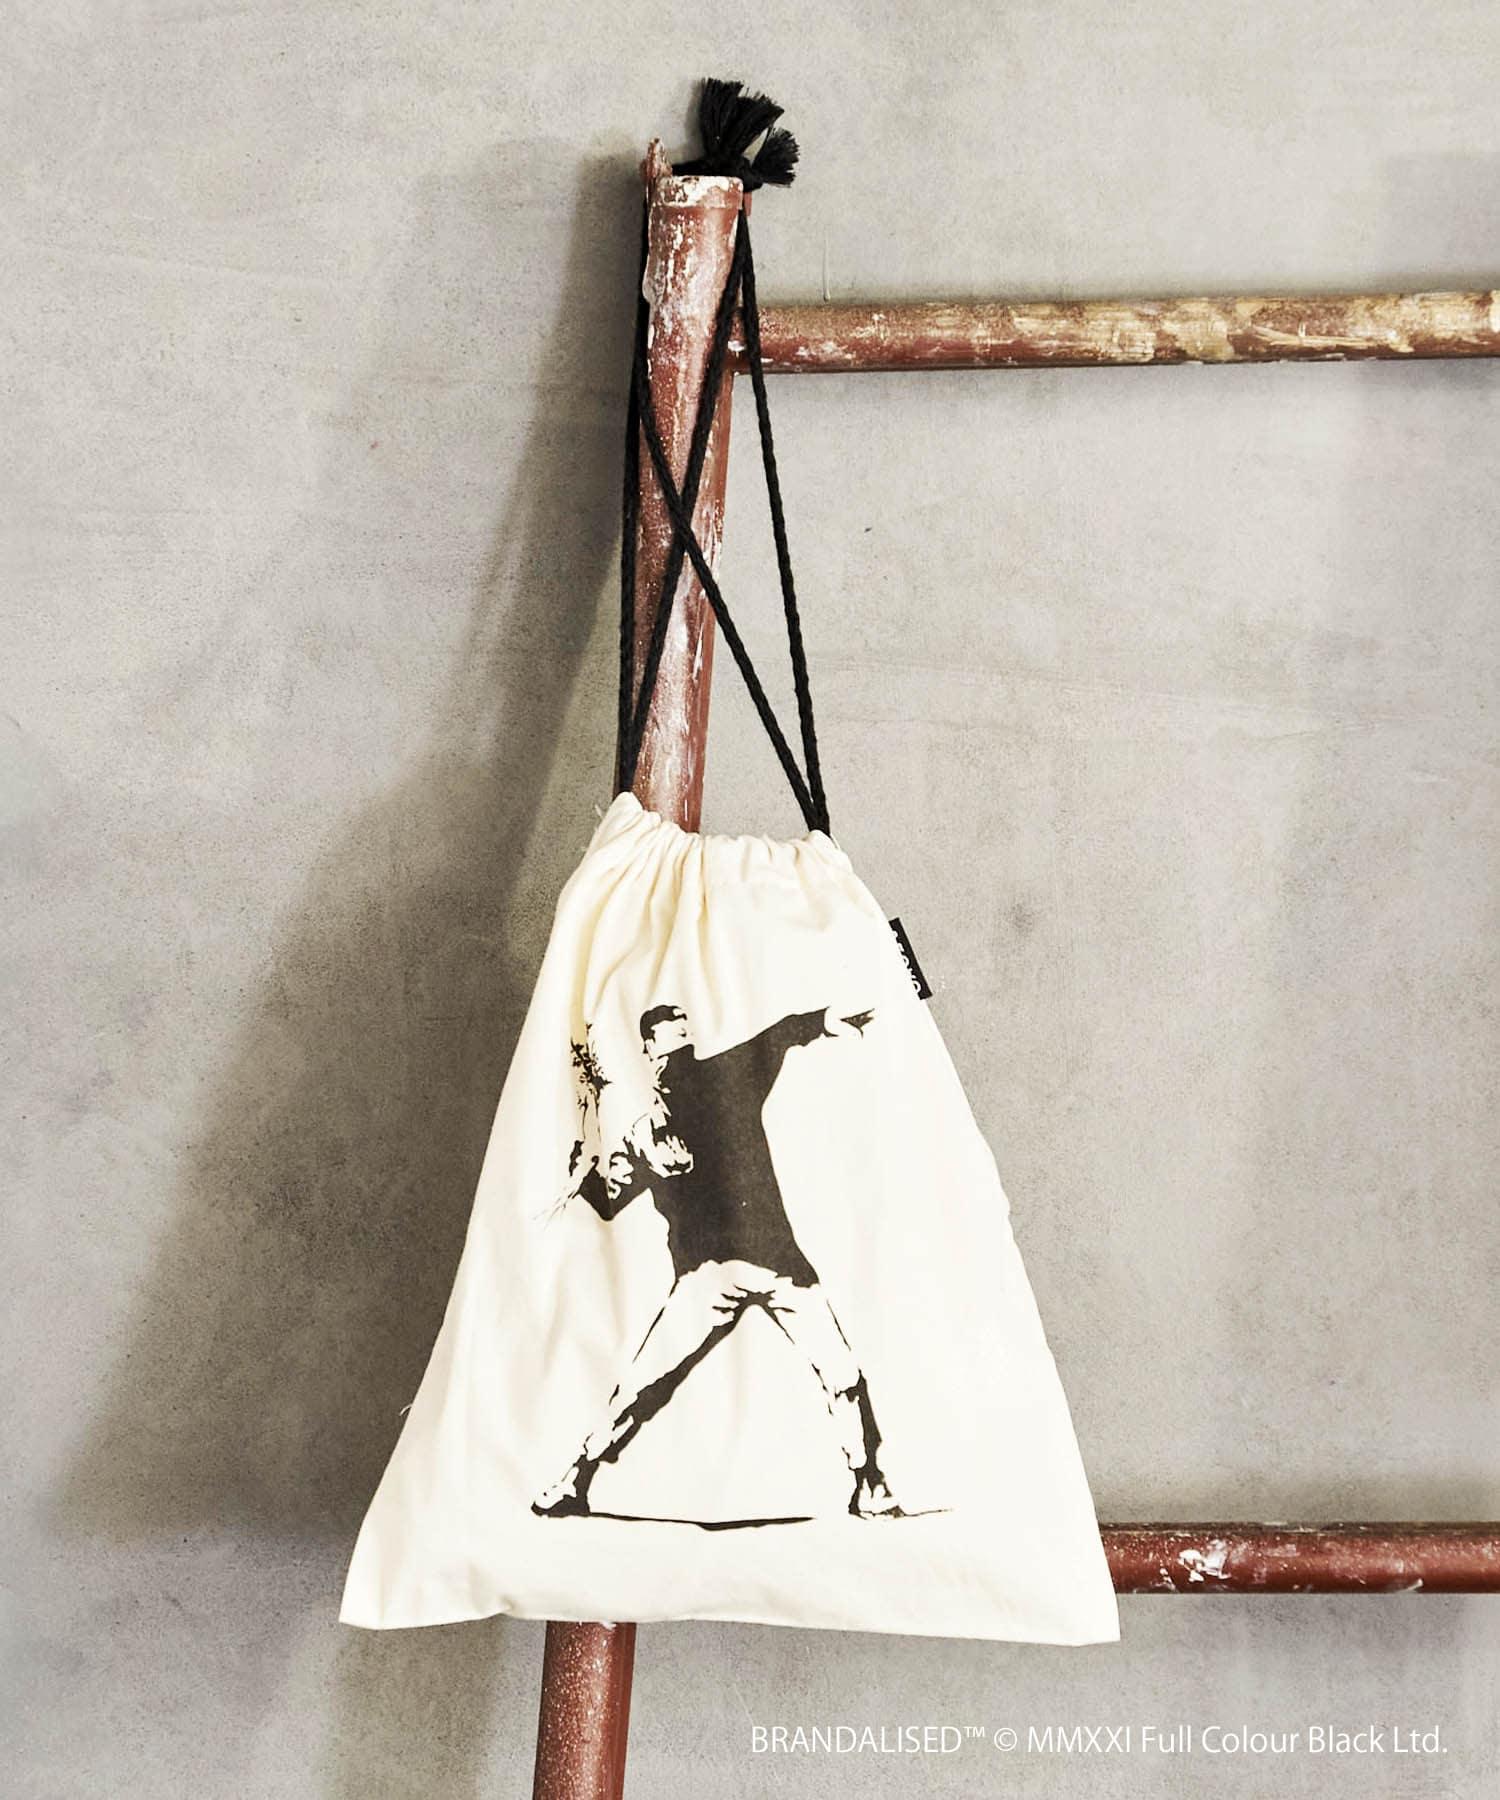 3COINS(スリーコインズ) 【ASOKO】Banksy's Graffiti 巾着1枚